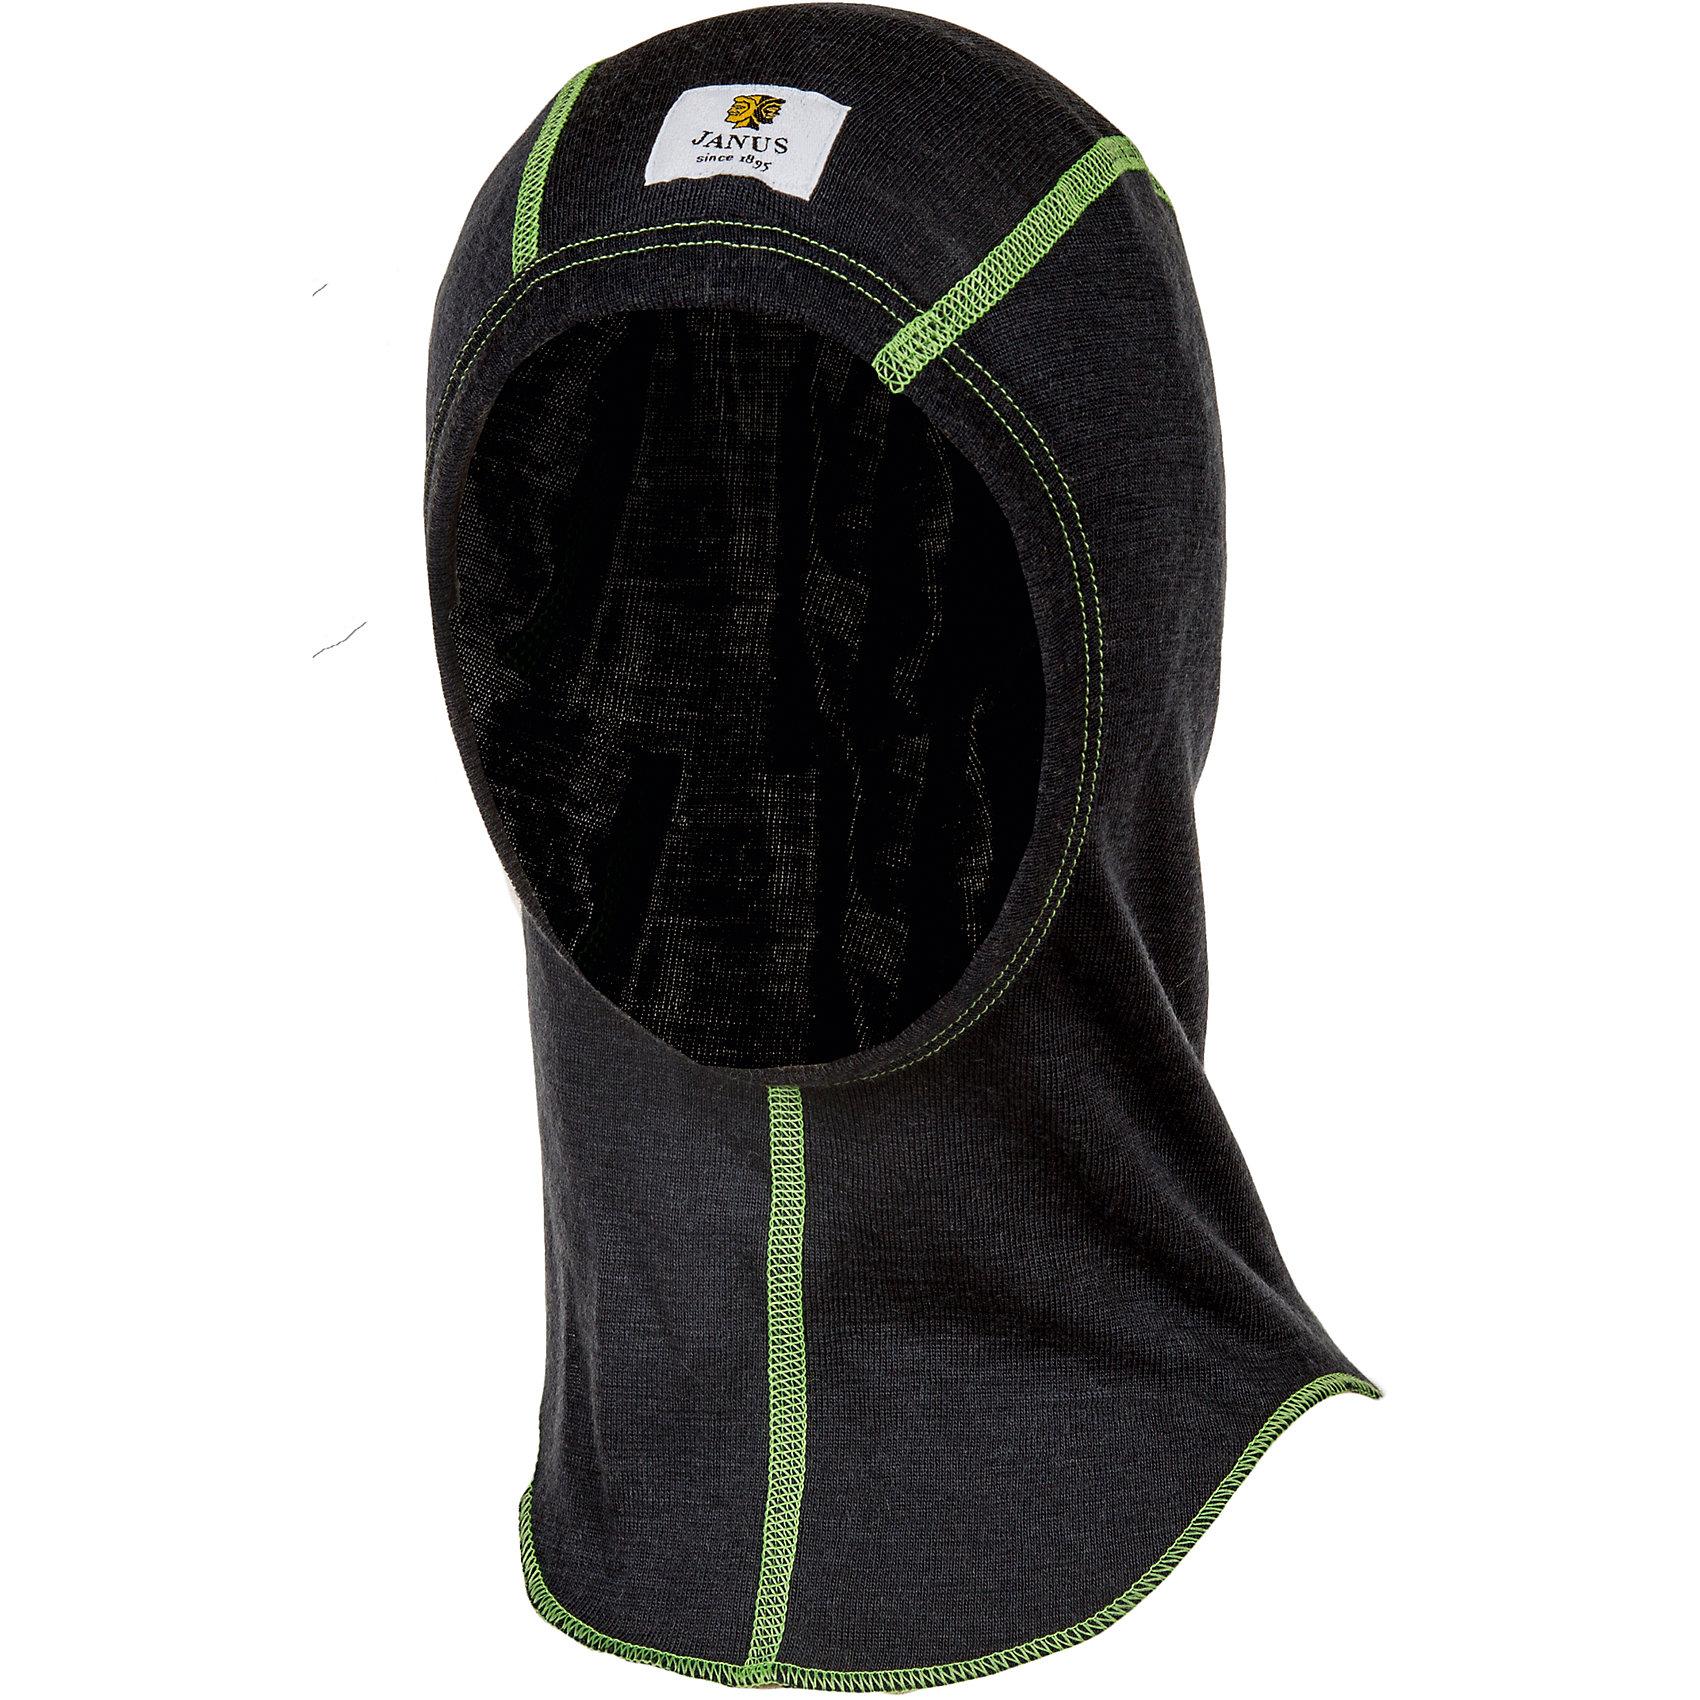 Шлем JanusФлис и термобелье<br>Шлем известной марки Janus.<br><br>Тонкий шлем-балаклава из 100% шерсти мериноса, который поддевается под все виды осенней и зимней одежды. Выполненный из целебной шерсти овец мериносов, он будет не только сохранять тепло, но оказывать лечебное воздействие на ушки и горло ребенка, которые часто подвергаются болезням в холодное время года.<br><br>Состав: 100% шерсть мериноса<br><br>Ширина мм: 89<br>Глубина мм: 117<br>Высота мм: 44<br>Вес г: 155<br>Цвет: бордовый<br>Возраст от месяцев: 48<br>Возраст до месяцев: 72<br>Пол: Мужской<br>Возраст: Детский<br>Размер: 51-53,53-55<br>SKU: 4913986